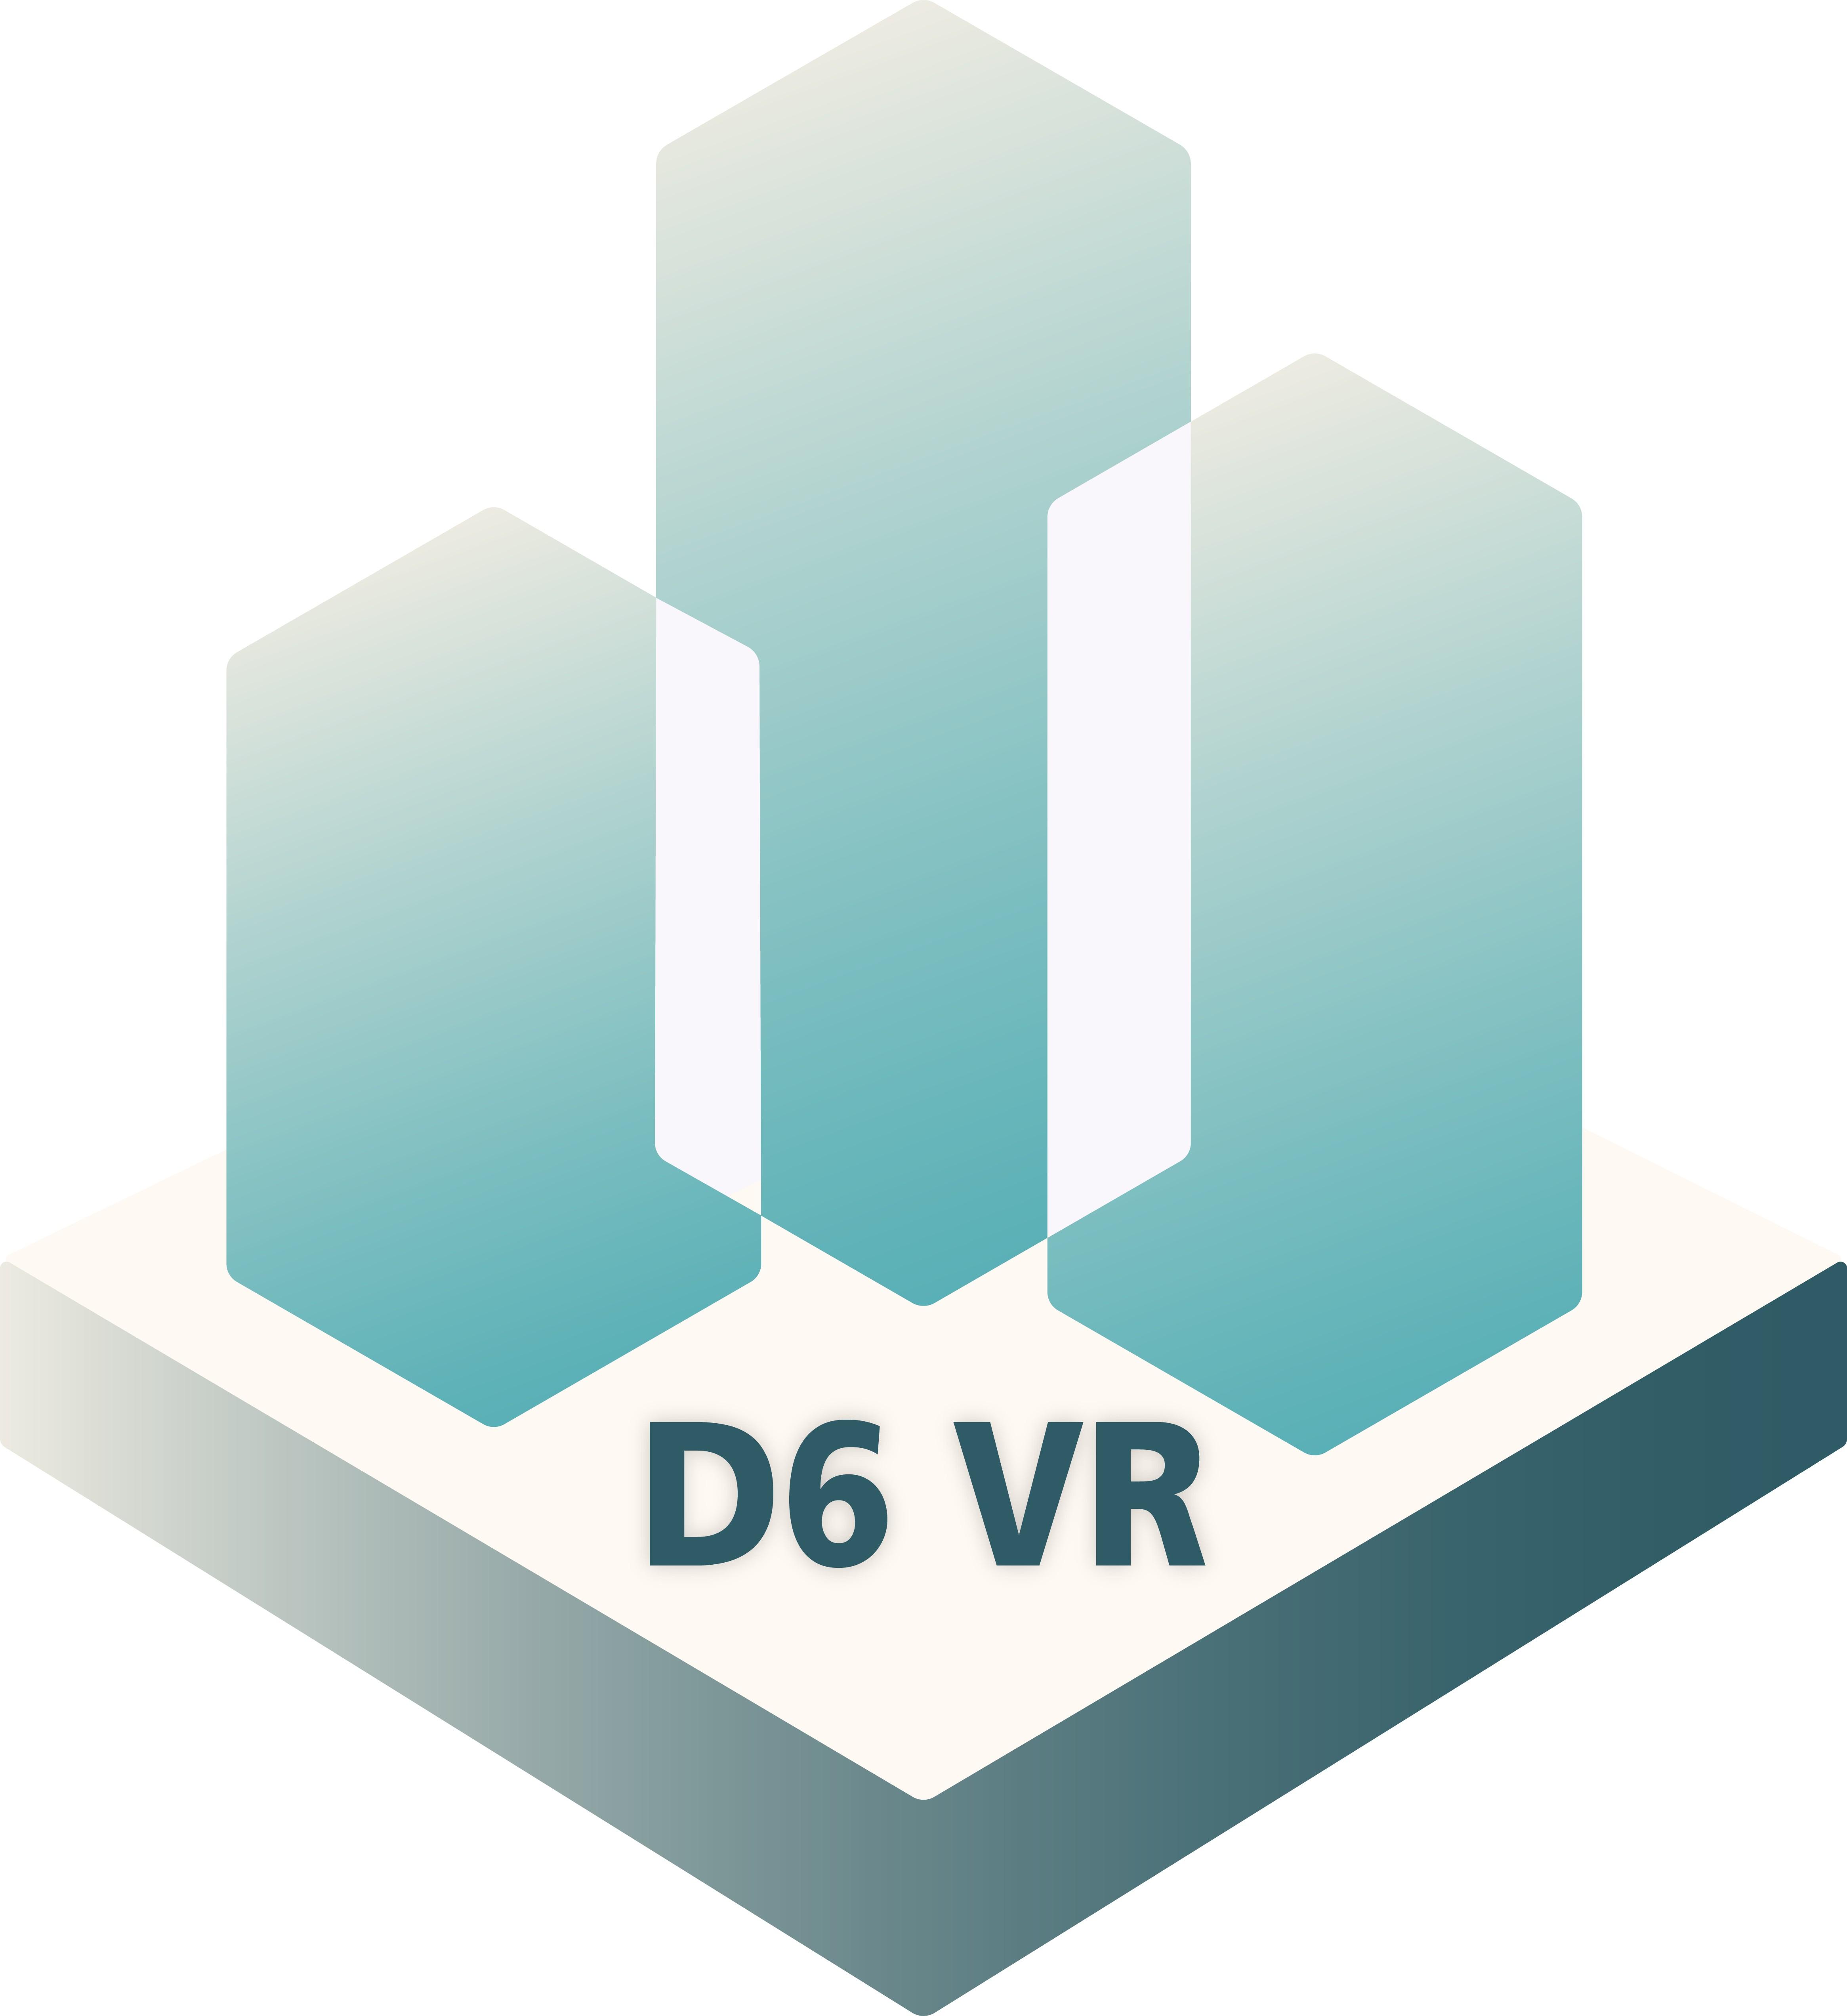 D6 VR (formerly DataView VR) | LinkedIn